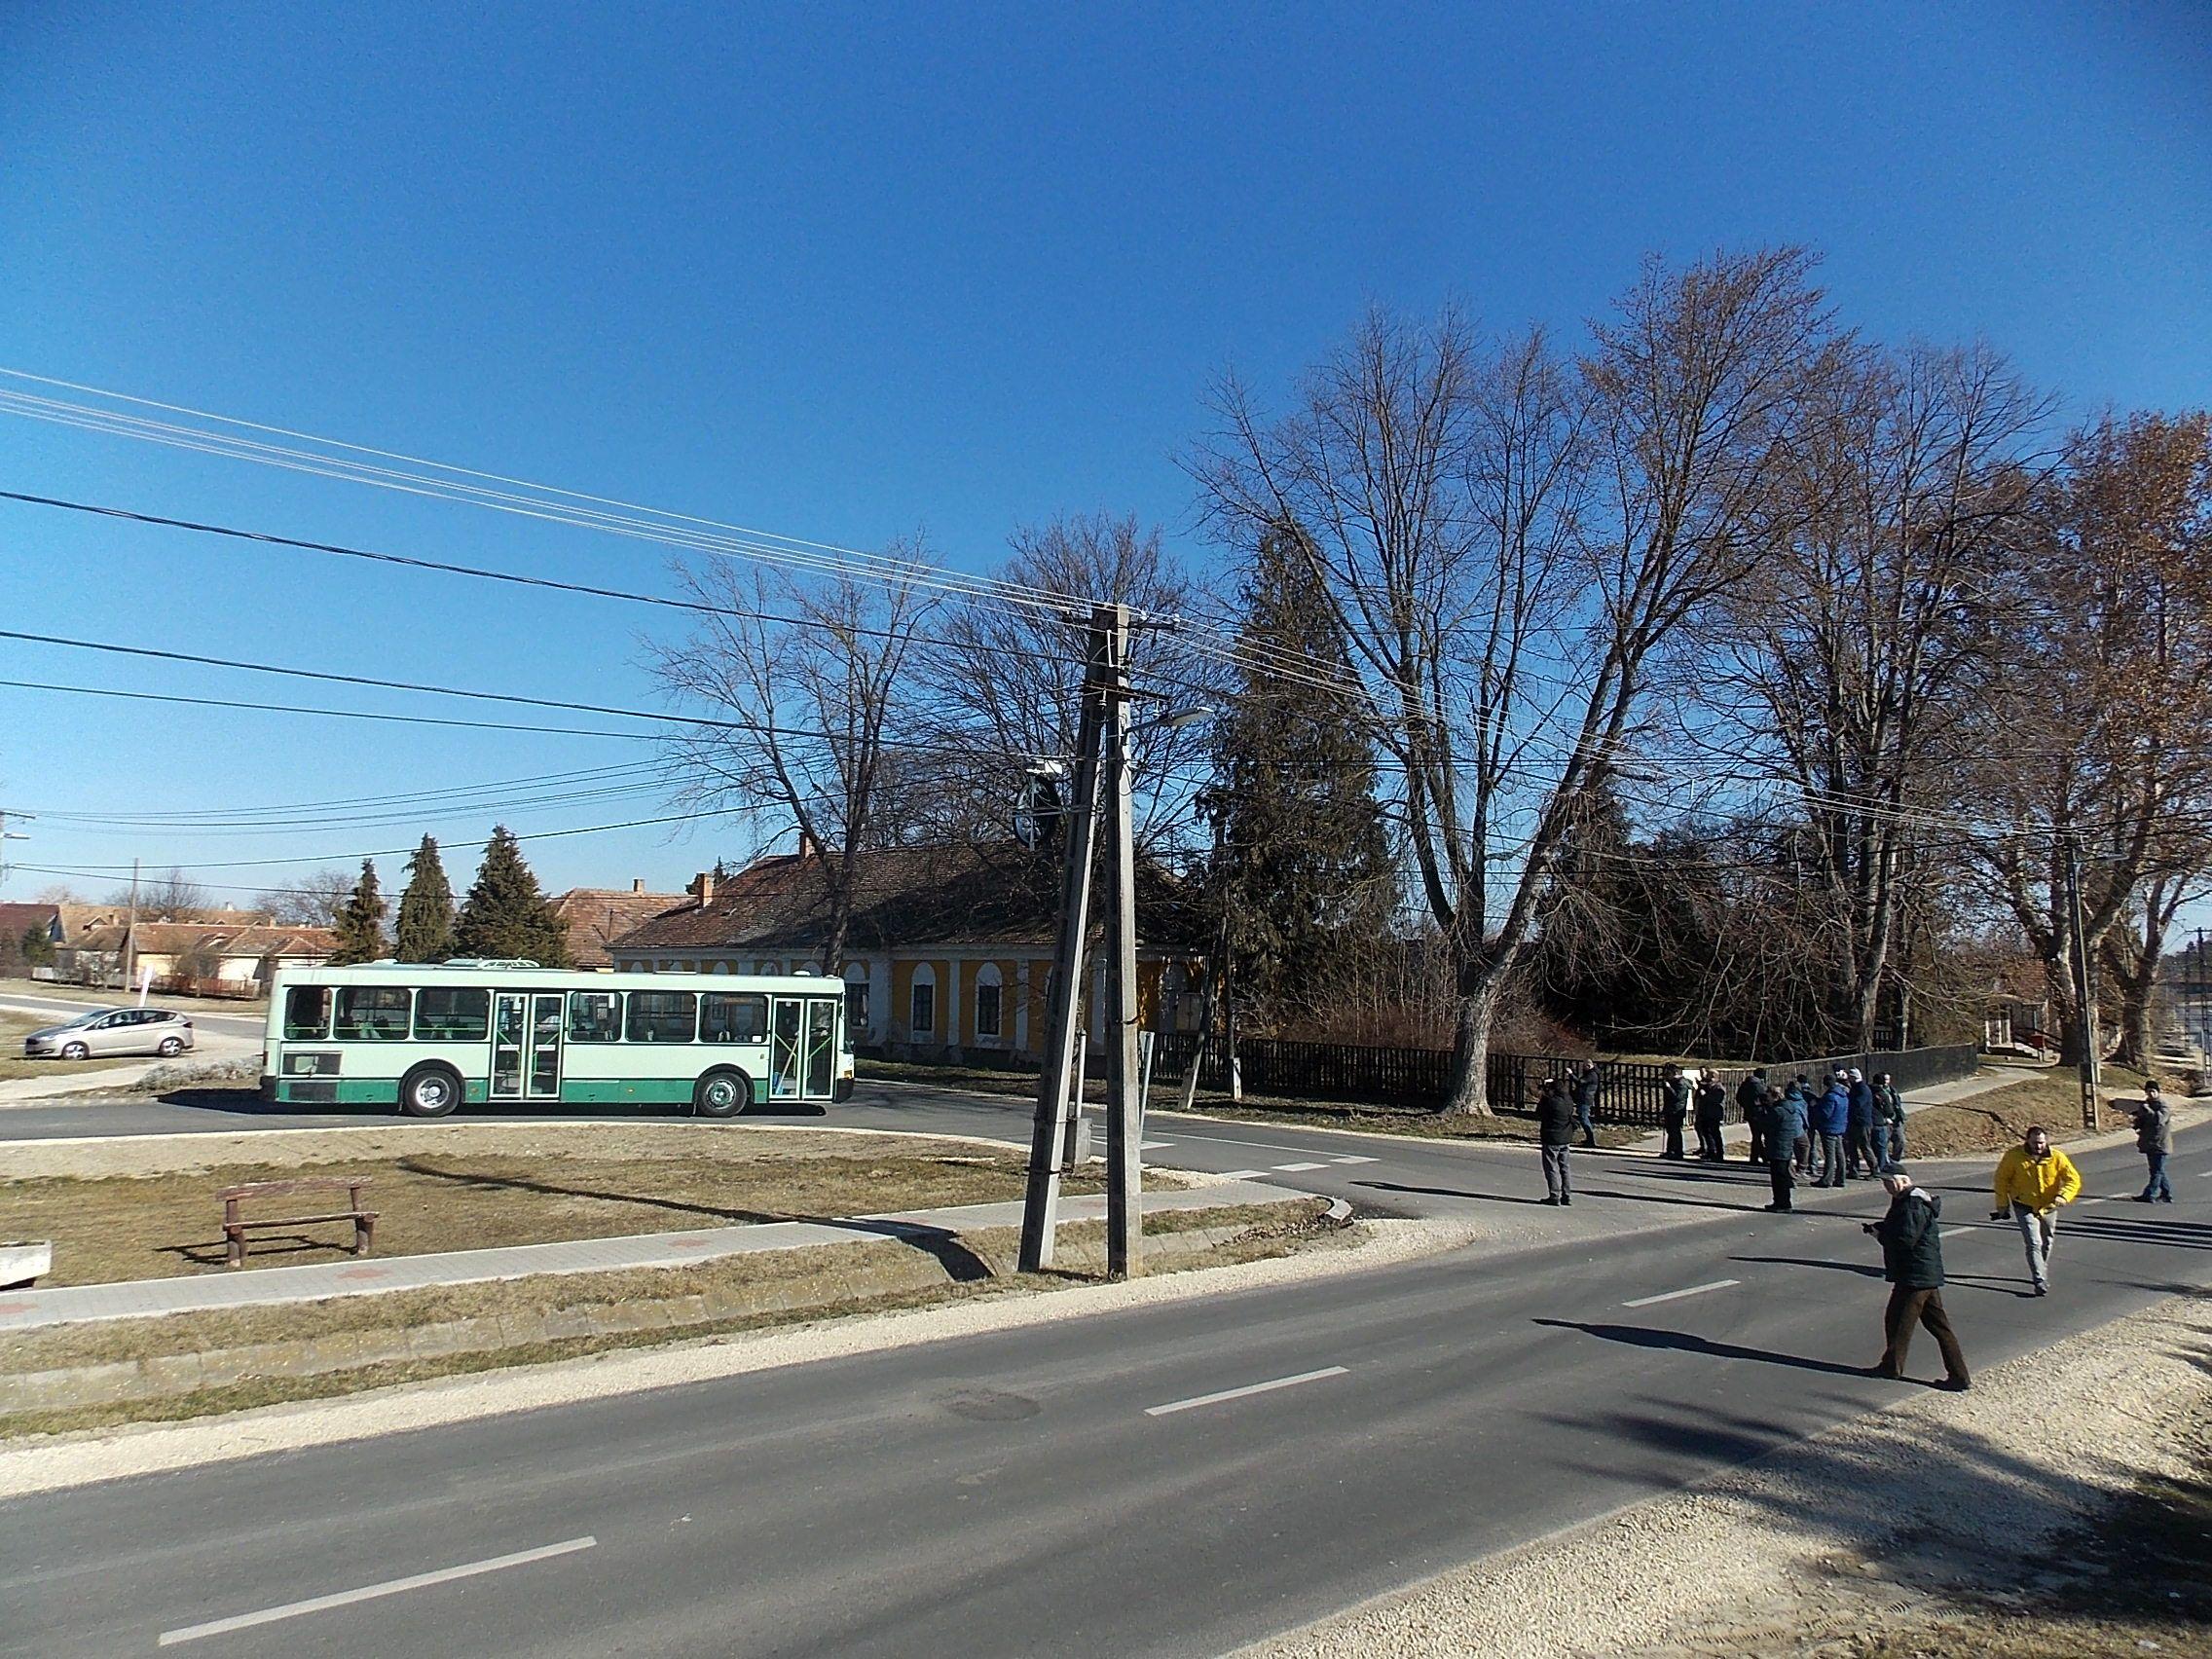 A buszmegállógyárral.